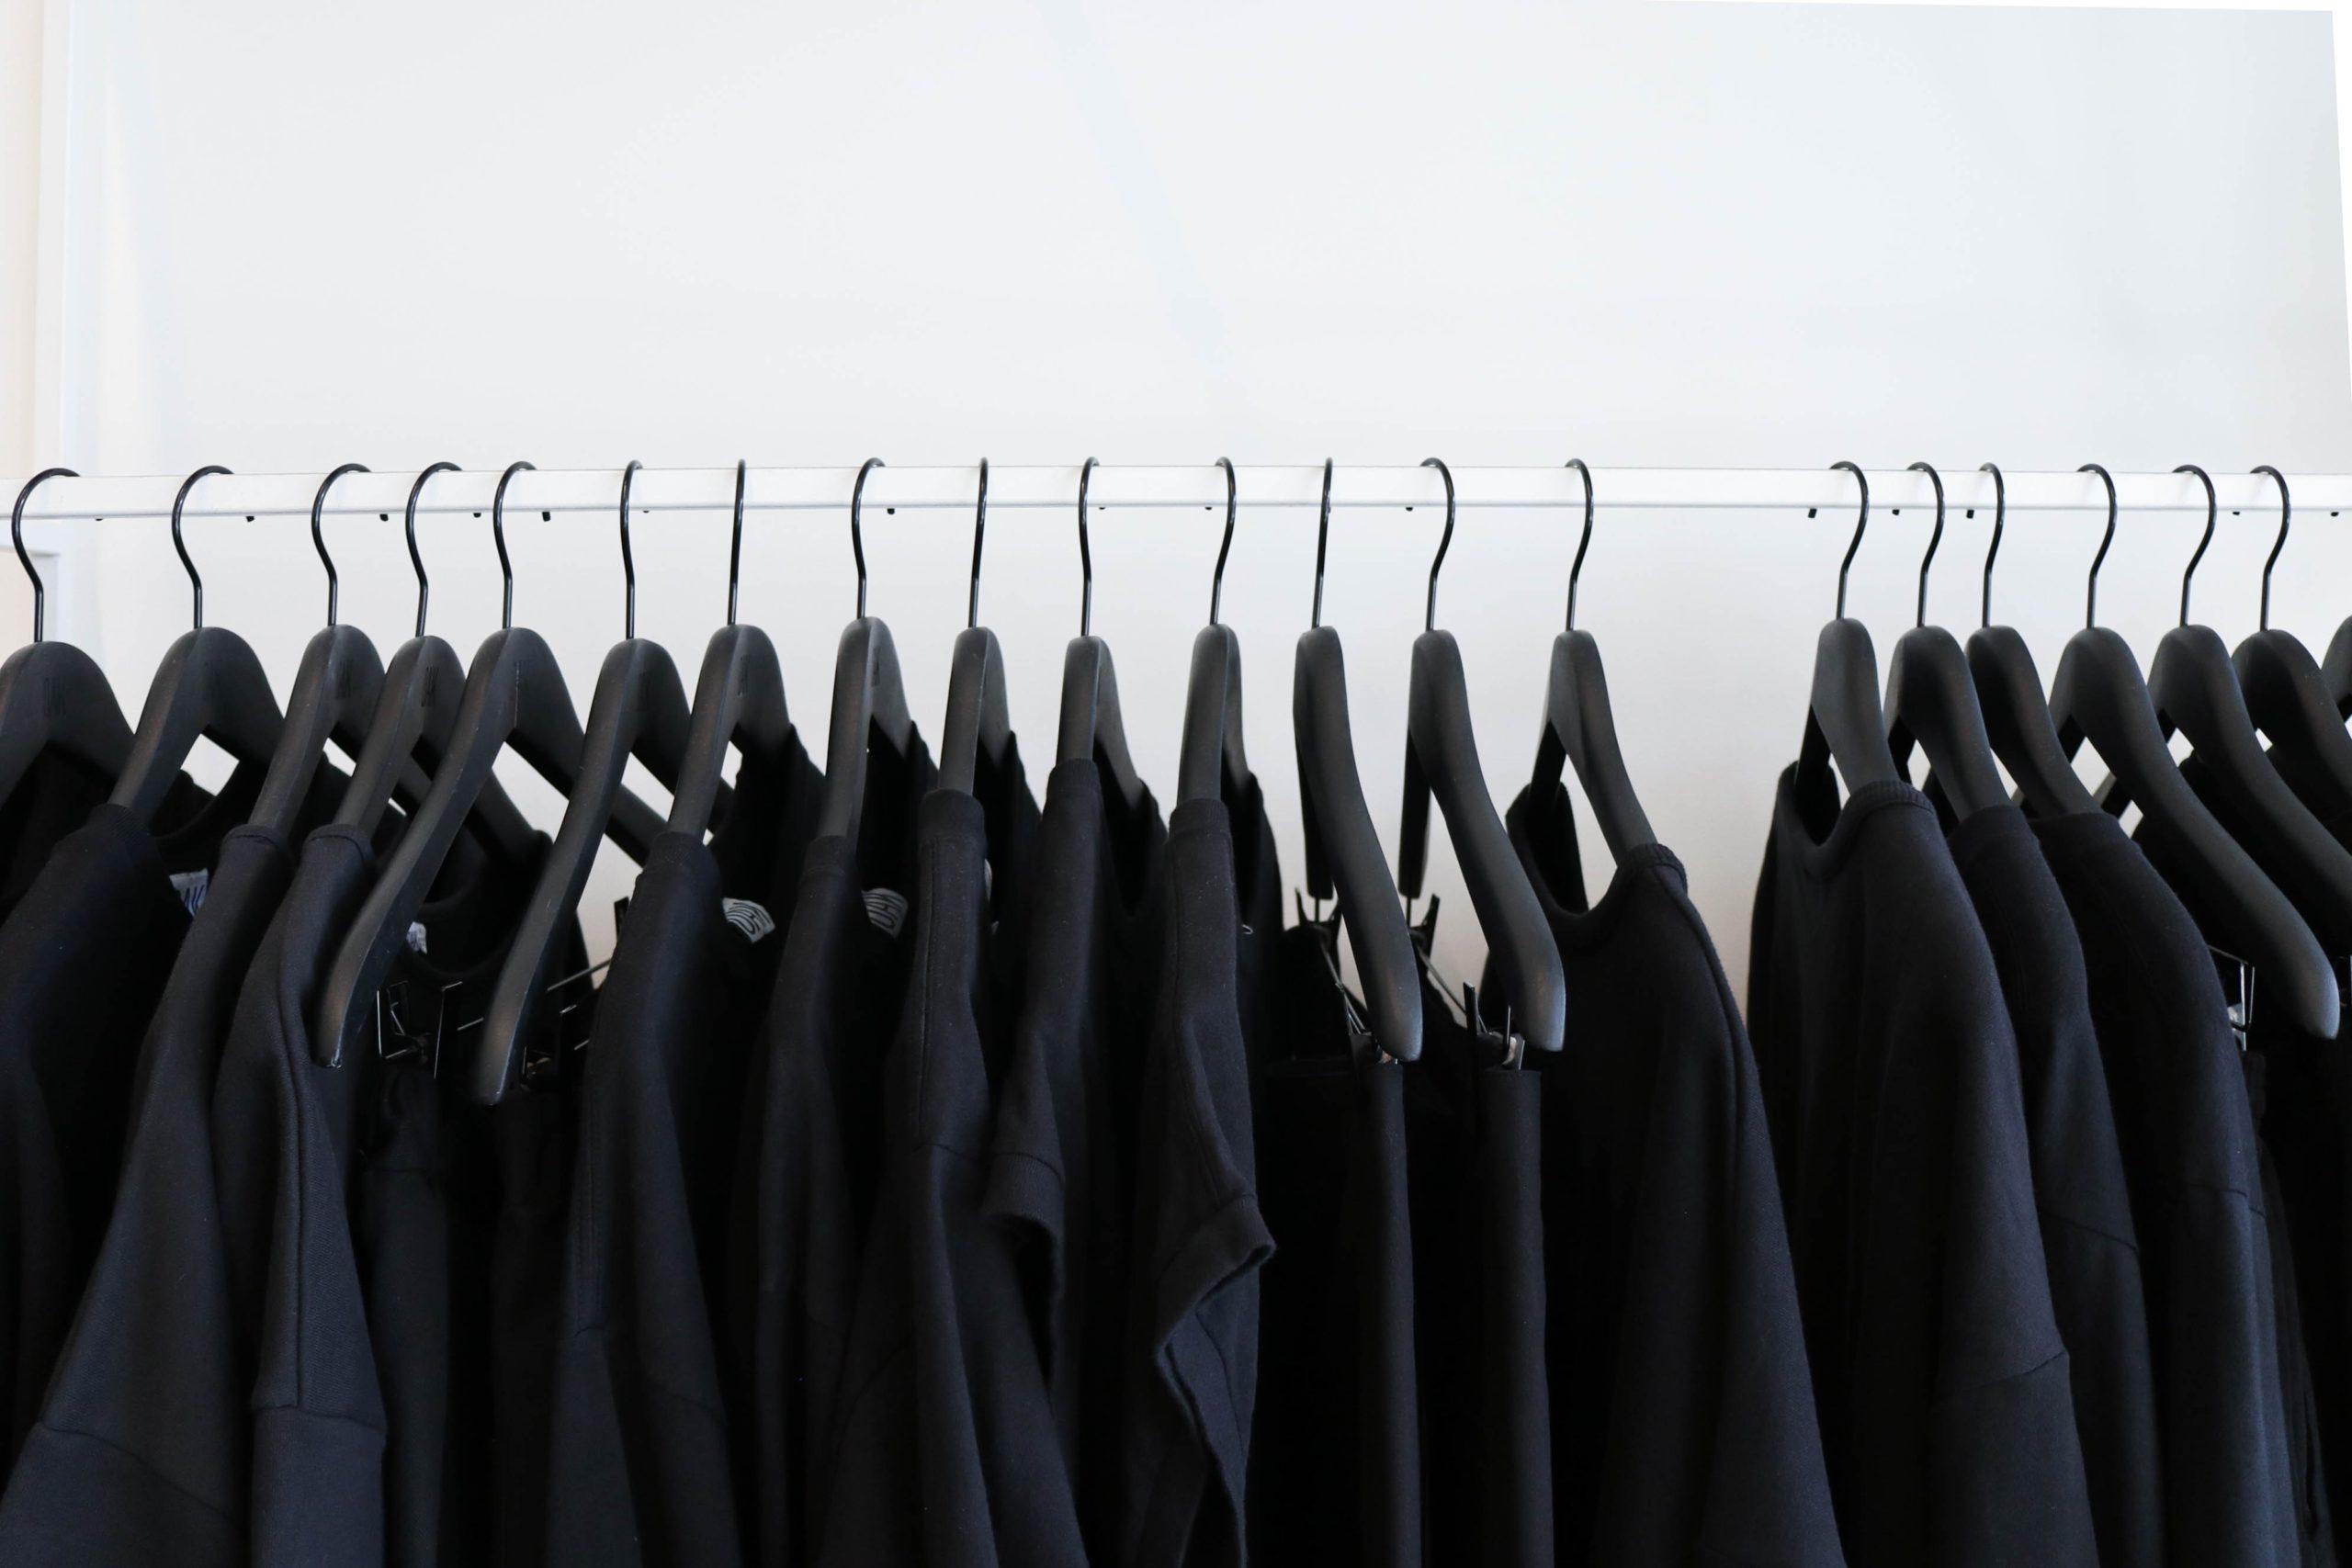 Crónica de un comprador compulsivo: una guía para frenar la adicción a las compras